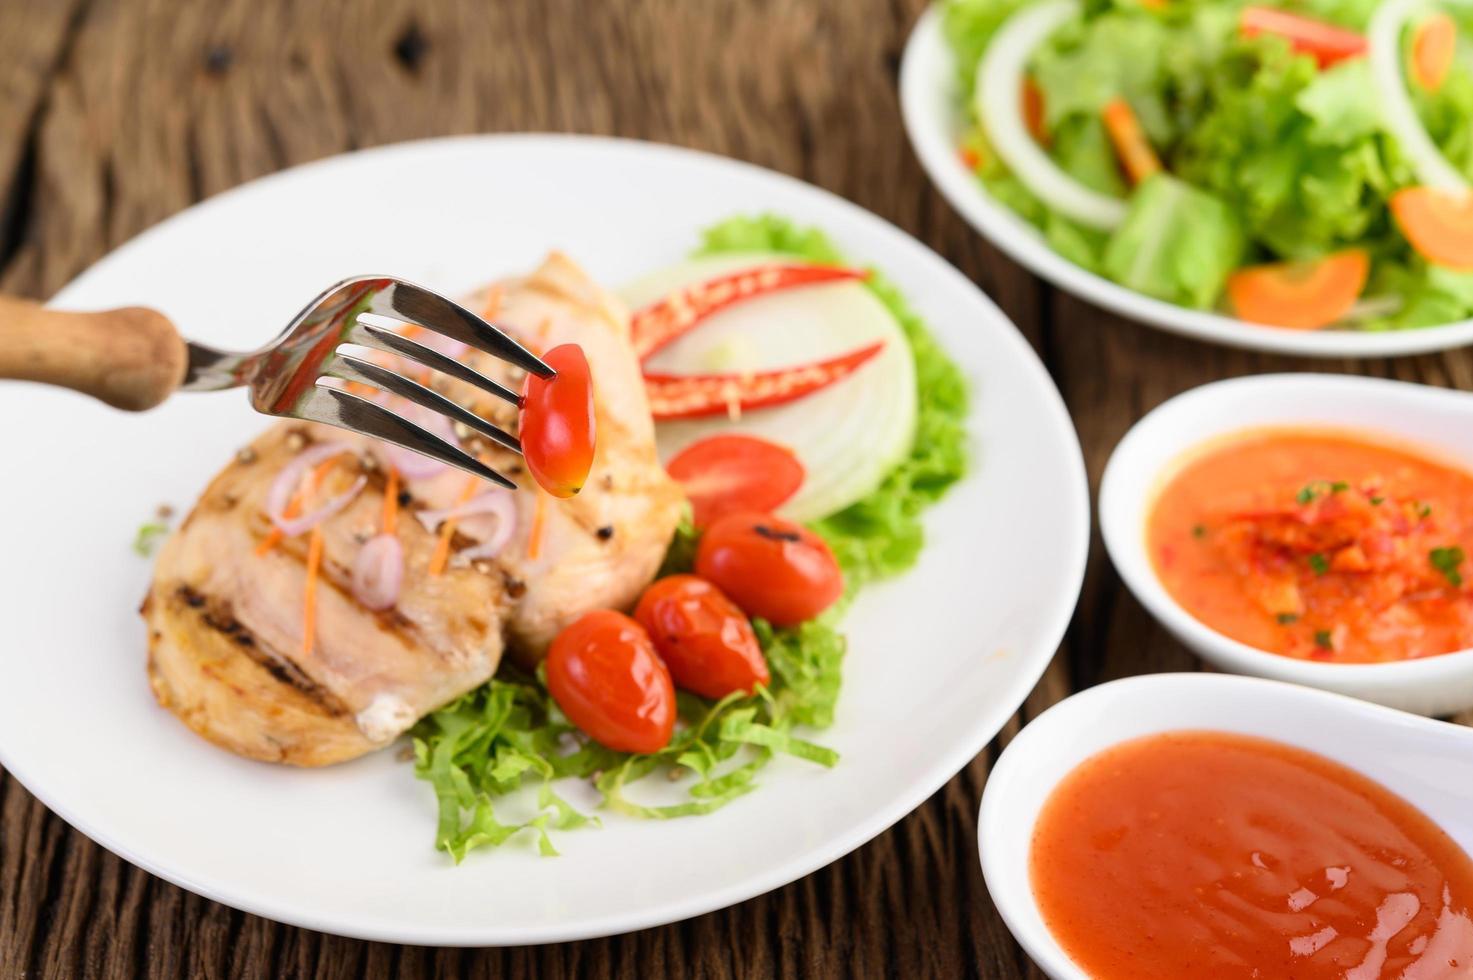 poulet grillé avec salade photo